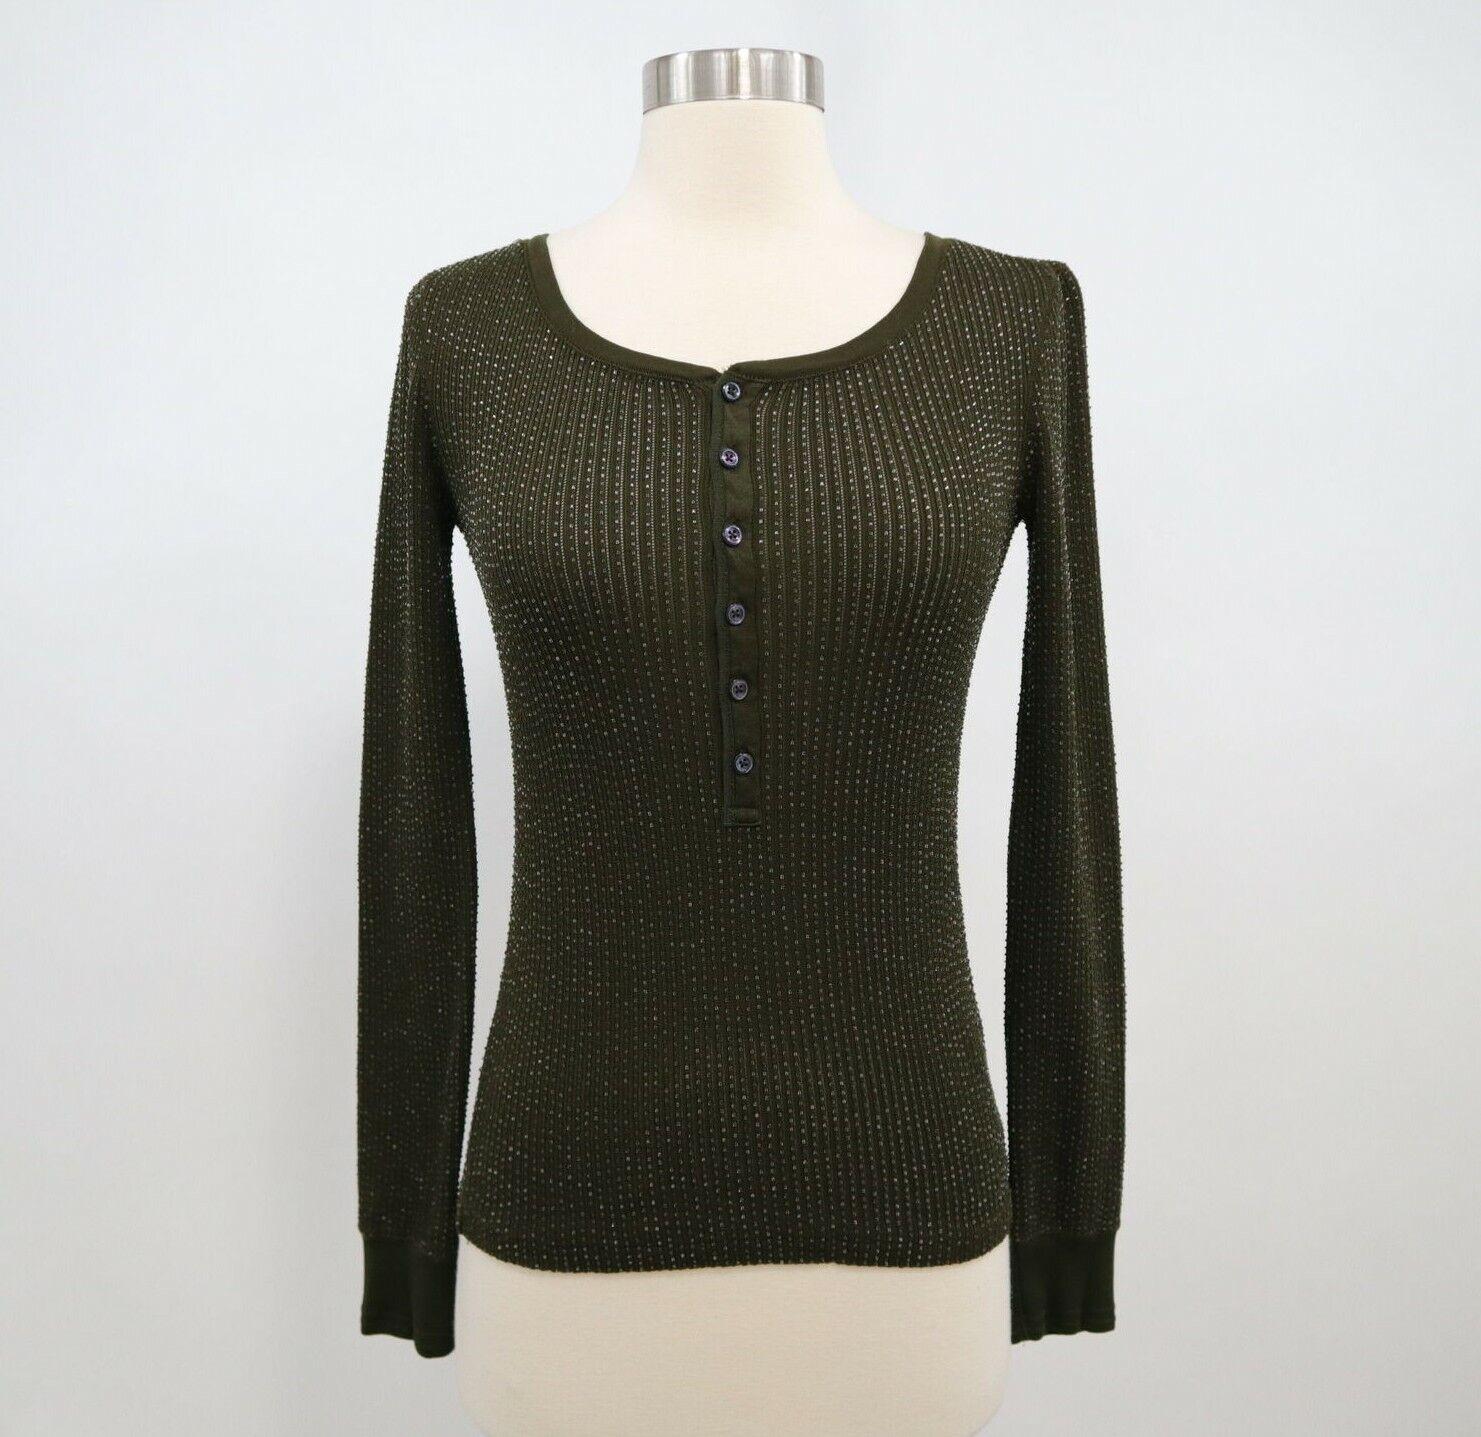 Ralph Lauren Top Shirt Henley damen S P Small Beaded Olive Grün schwarz Label